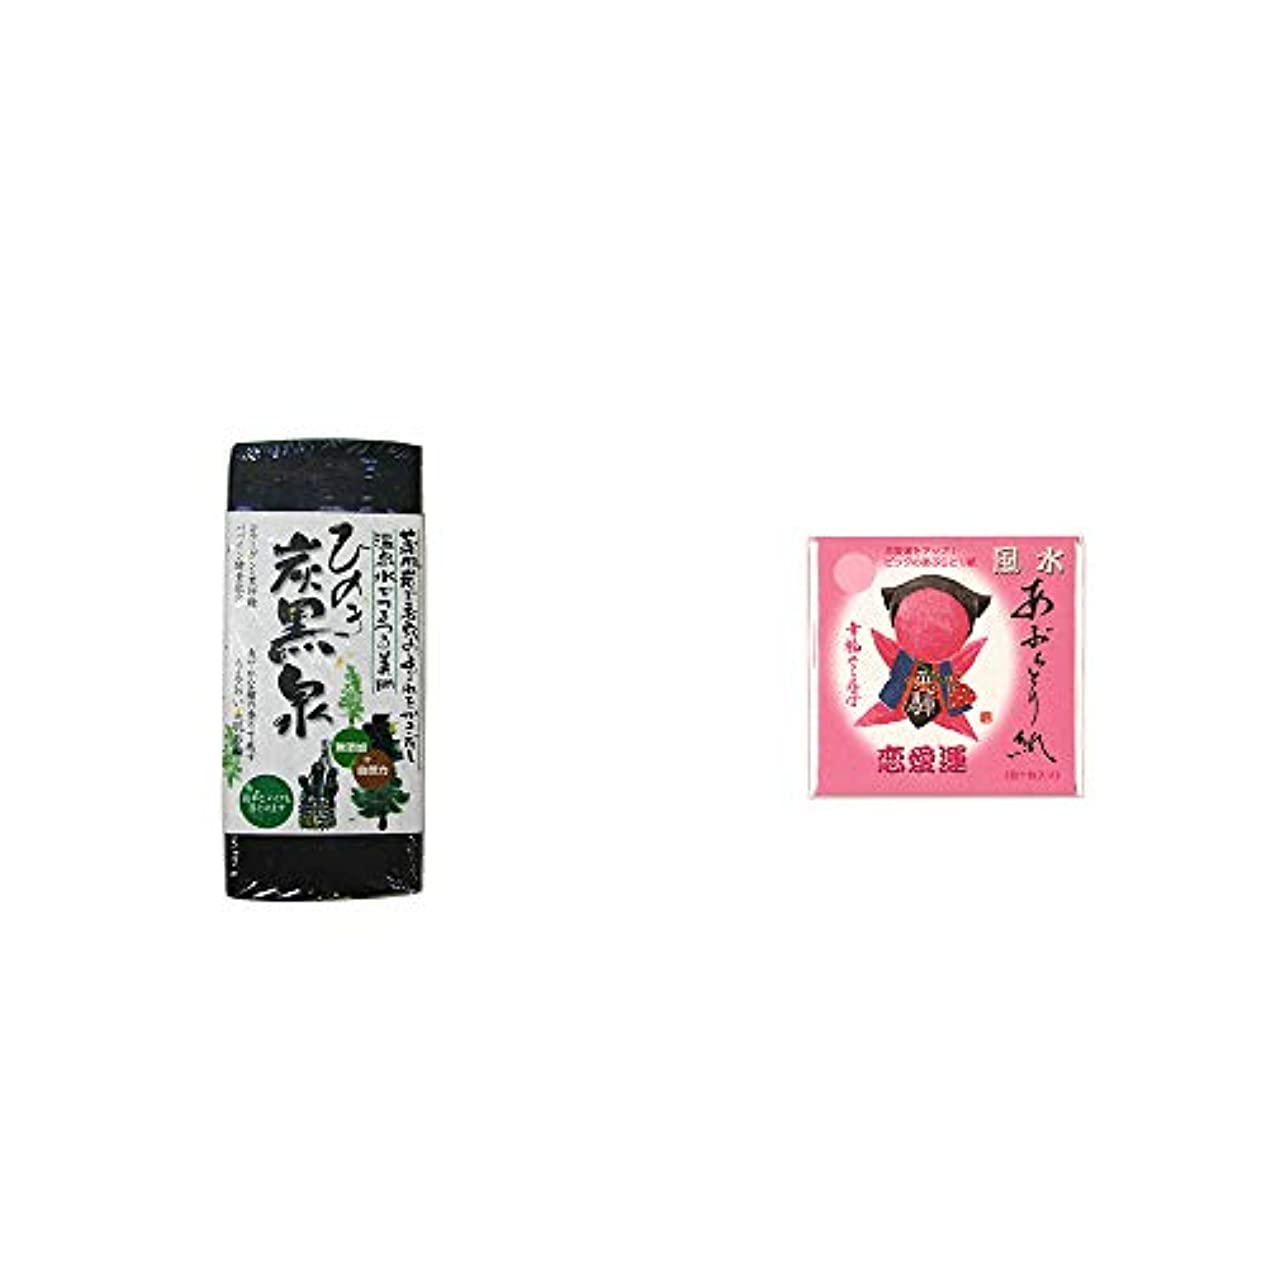 ロデオなめらか艶[2点セット] ひのき炭黒泉(75g×2)・さるぼぼ 風水あぶらとり紙【ピンク】